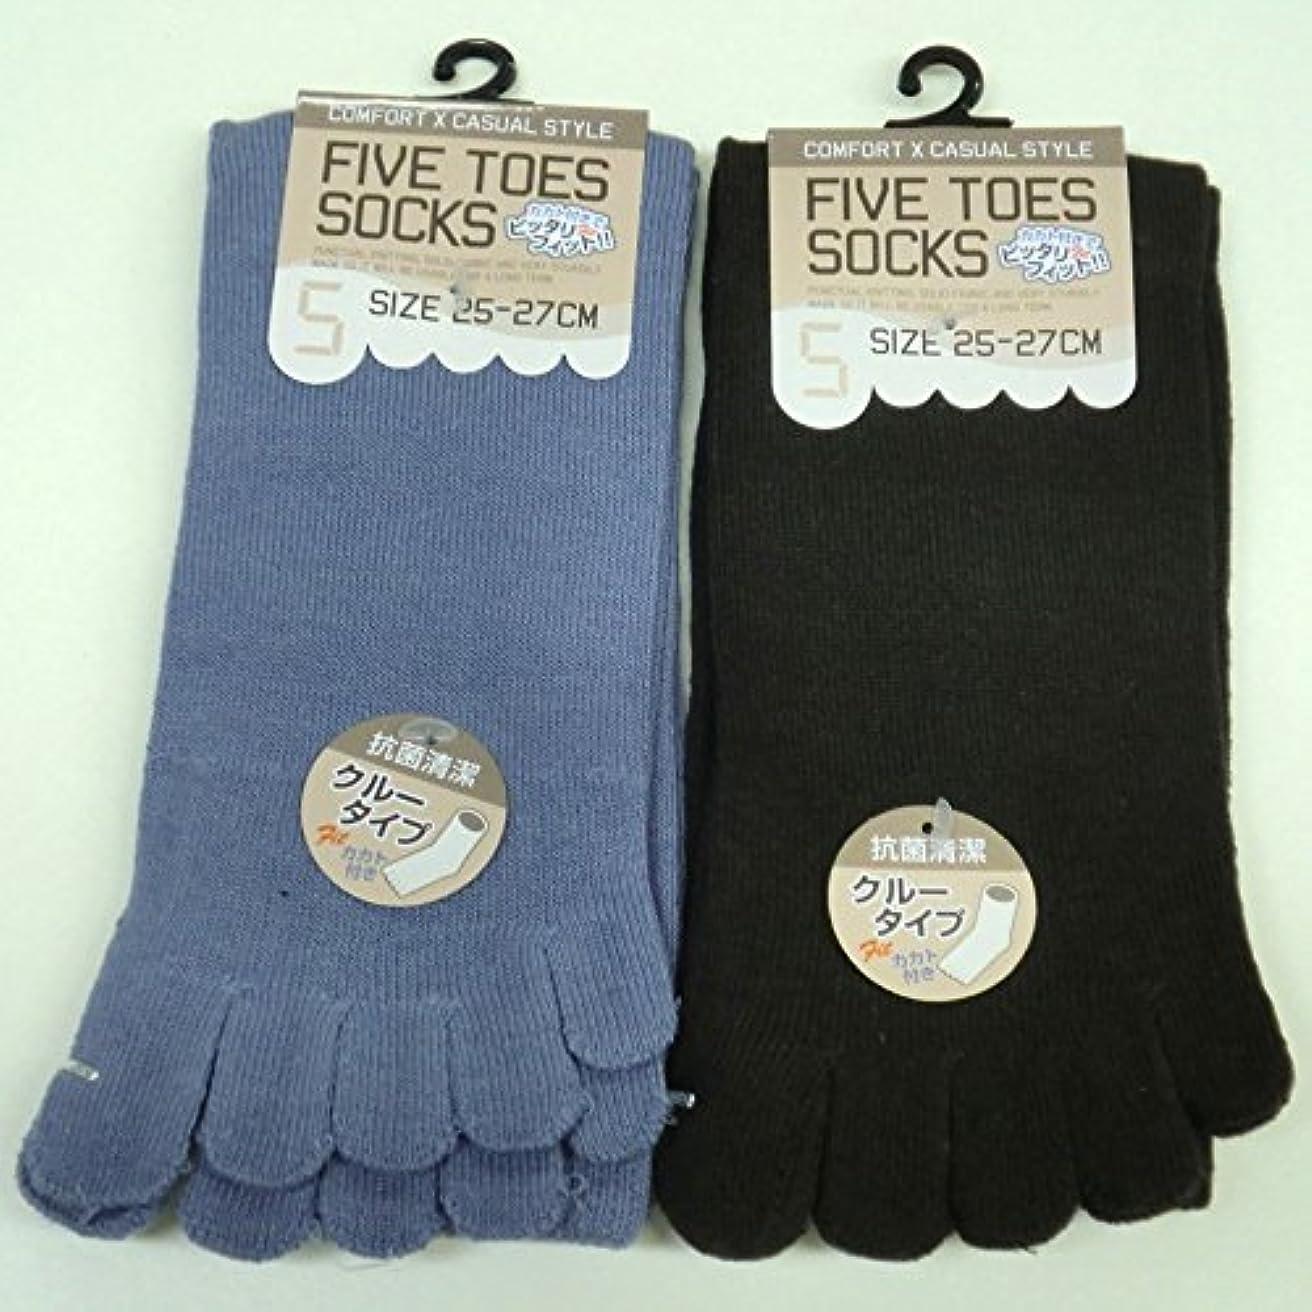 花嫁ロータリー薬剤師5本指ソックス メンズ 綿混 蒸れない快適 5本指靴下 かかと付 25-27cm 5足組(色はお任せ)